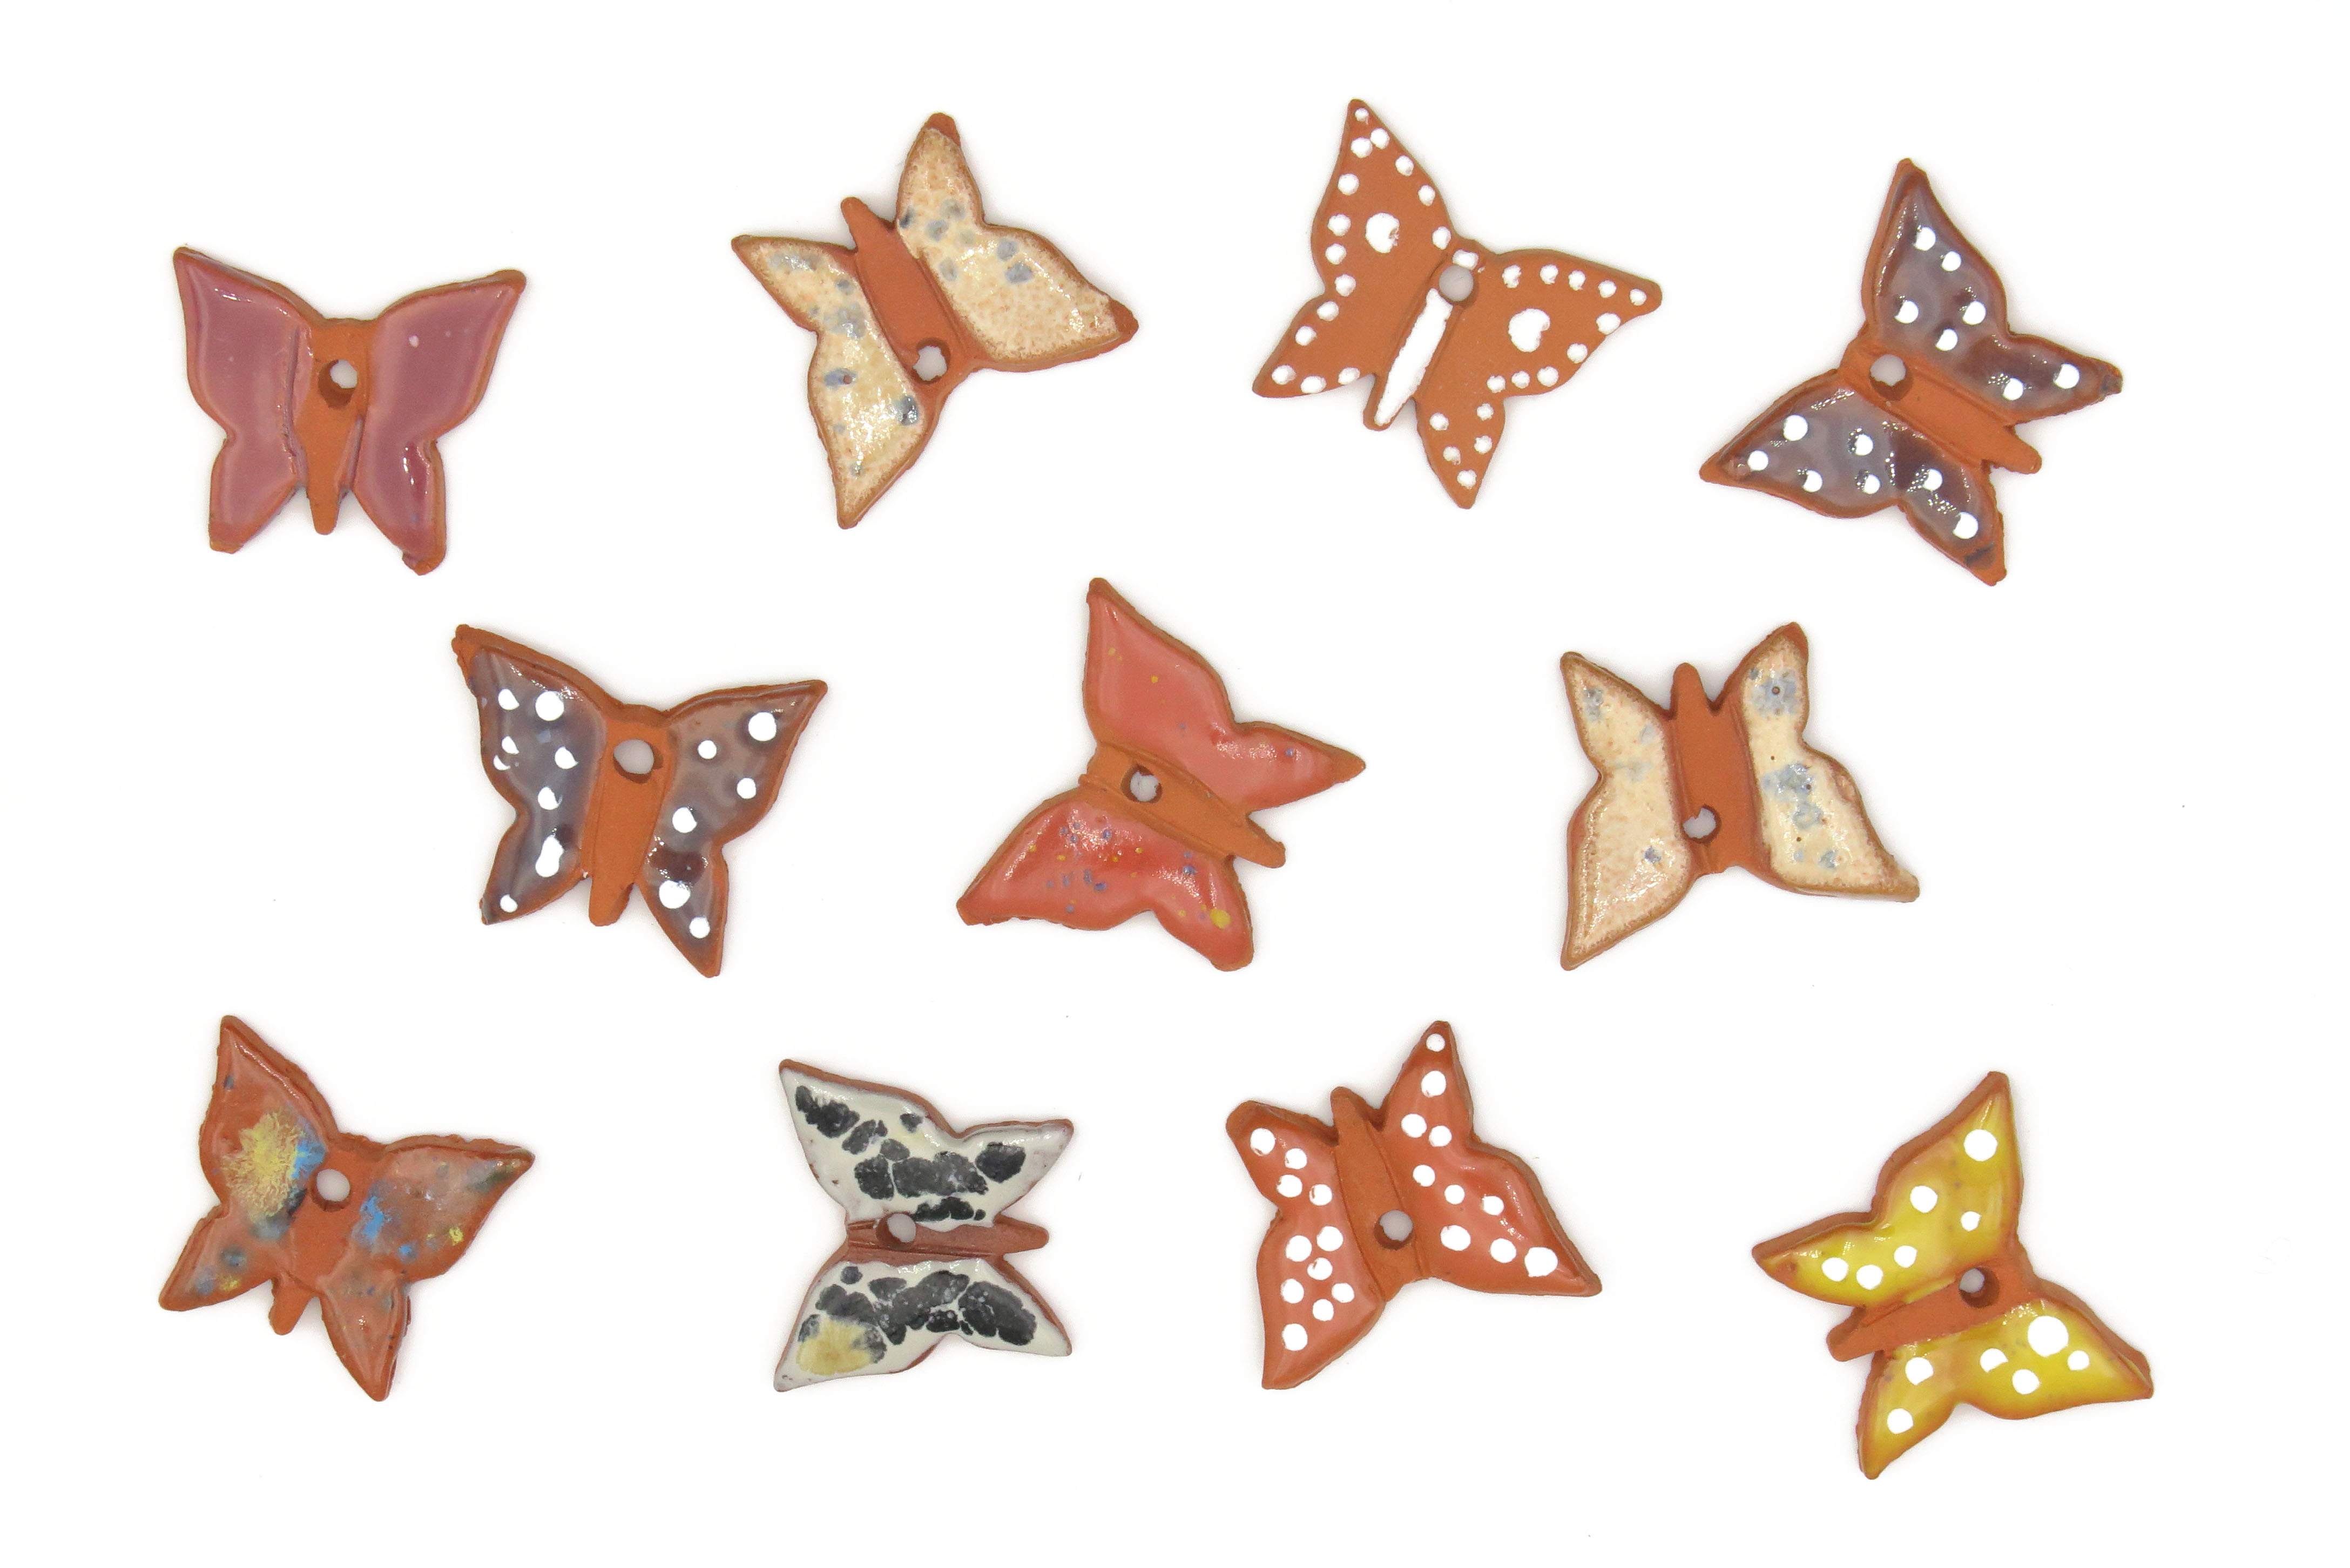 11 Mini Schmetterling Geschenk Anhänger /S  3cm